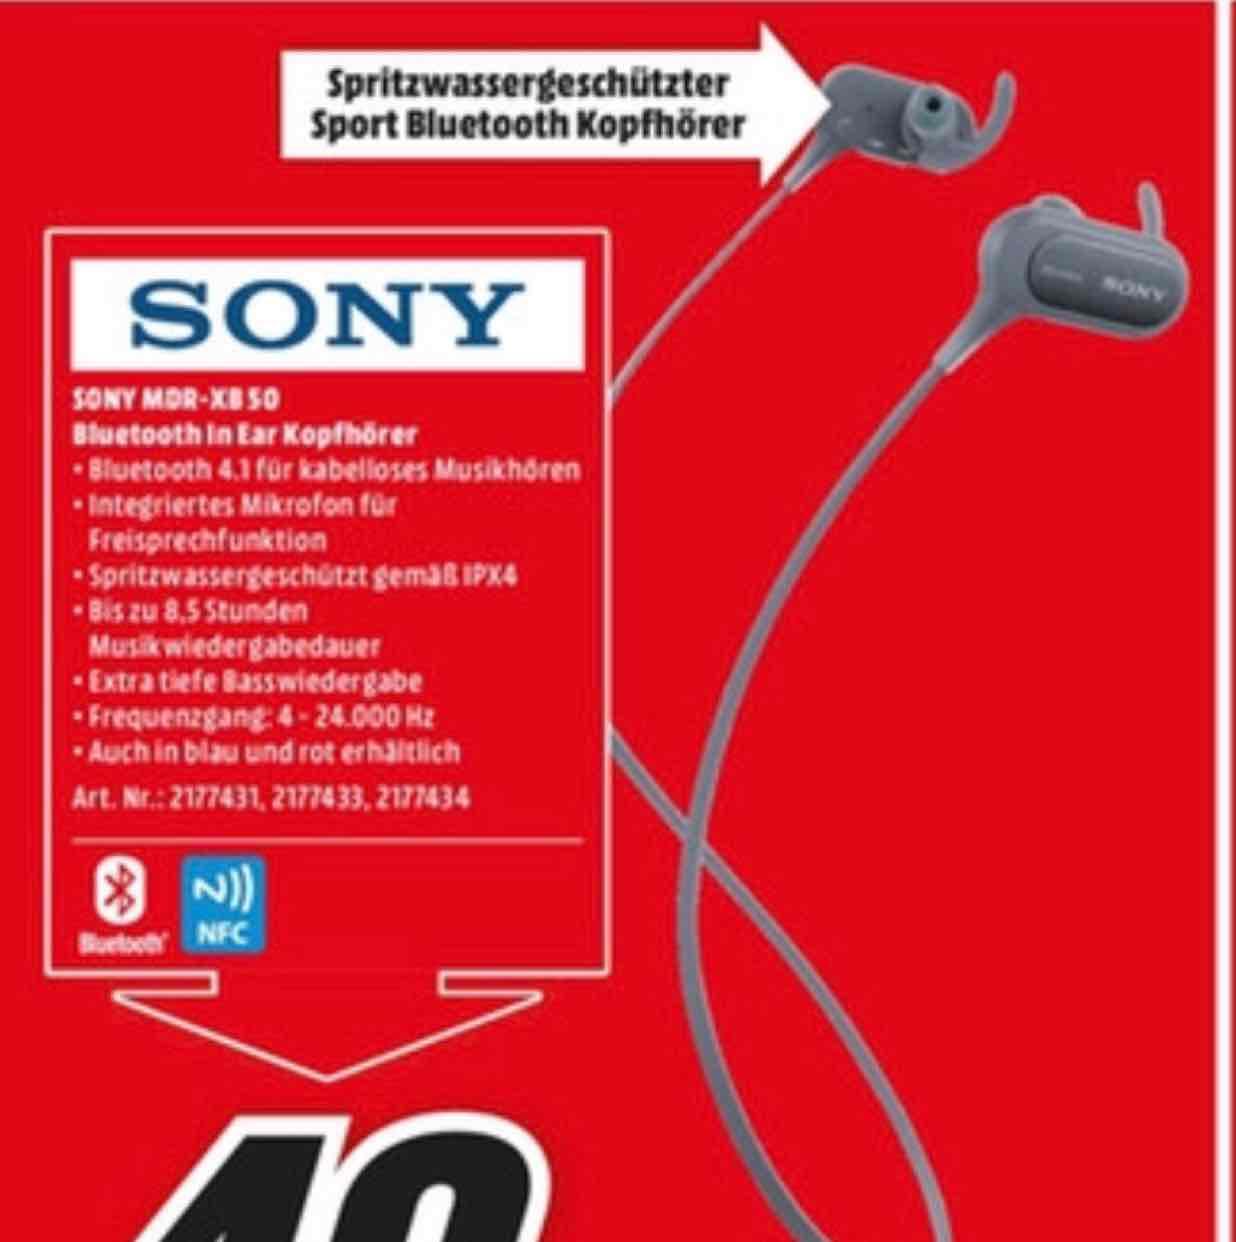 [ Lokal Media Markt Hamburg ] Sony MDR-XB50BS Bluetooth Kopfhörer für 49,-